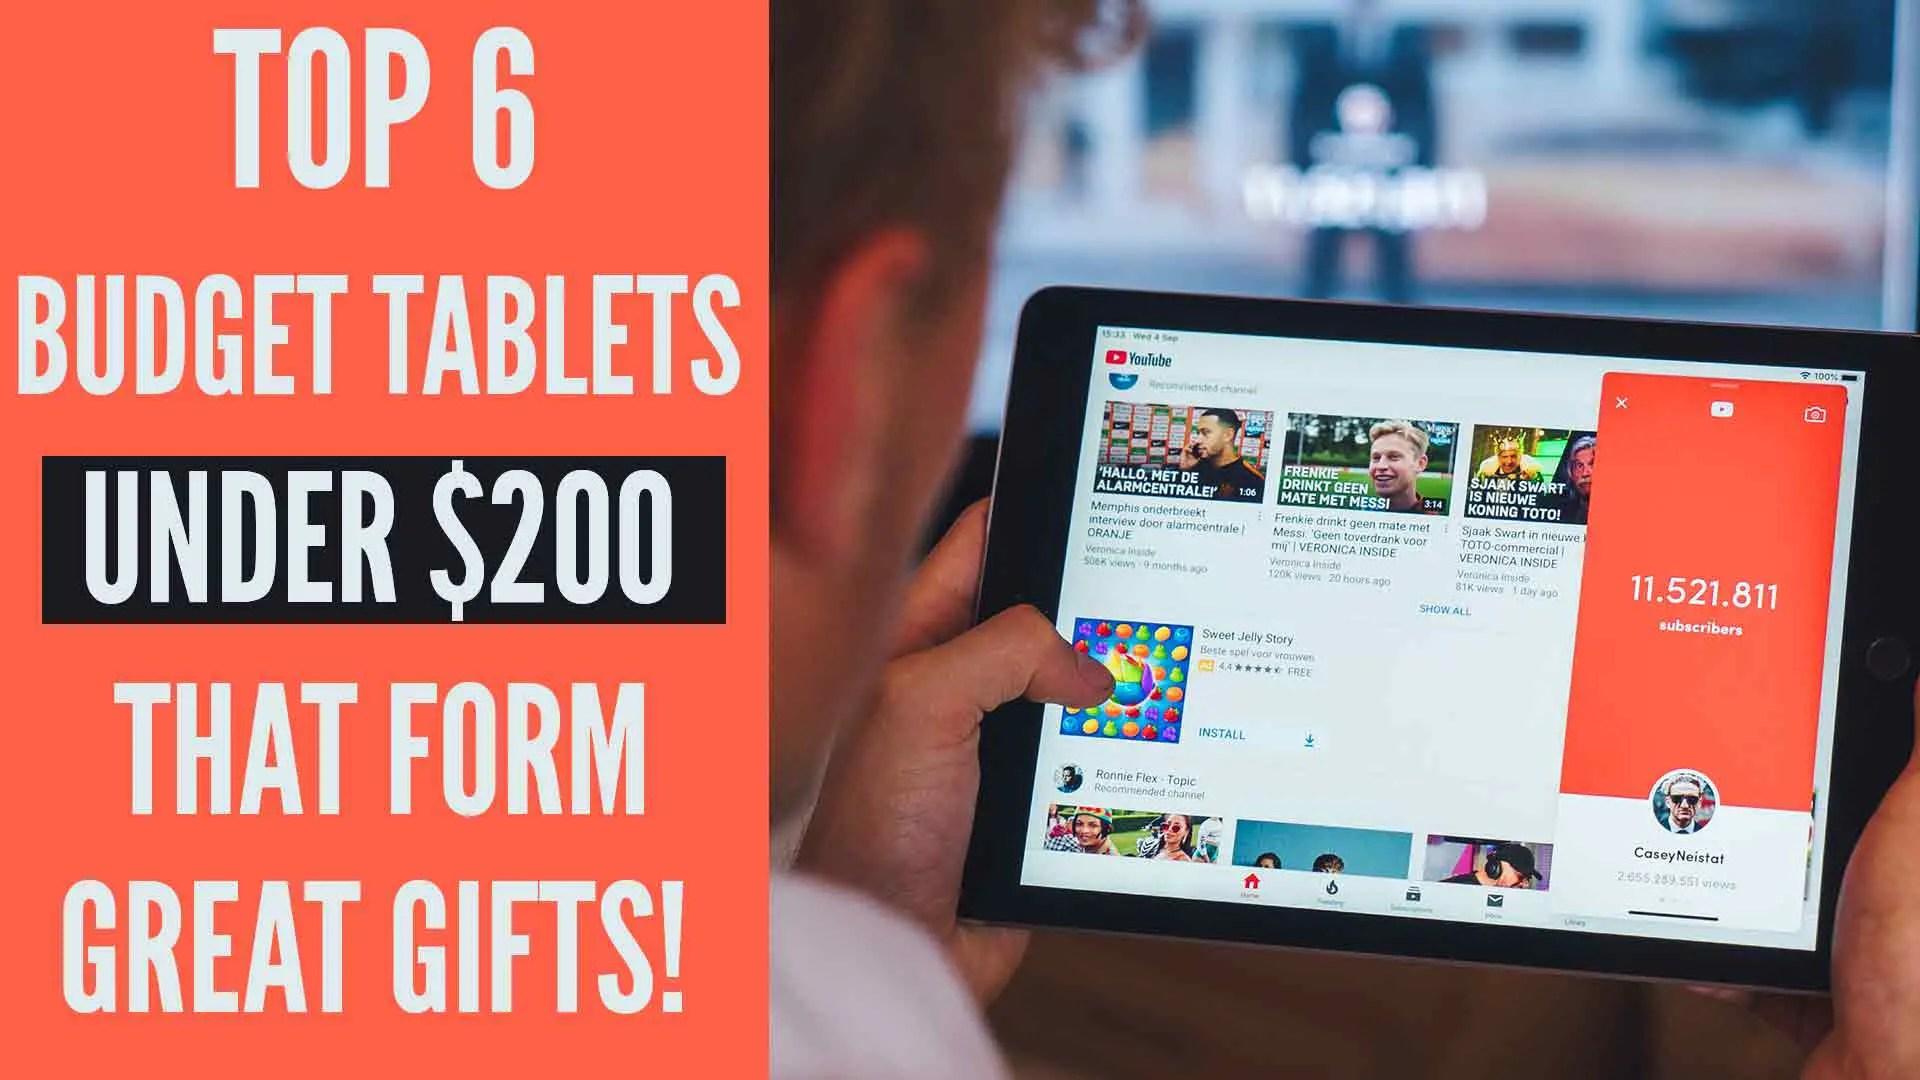 budget tablet under $200